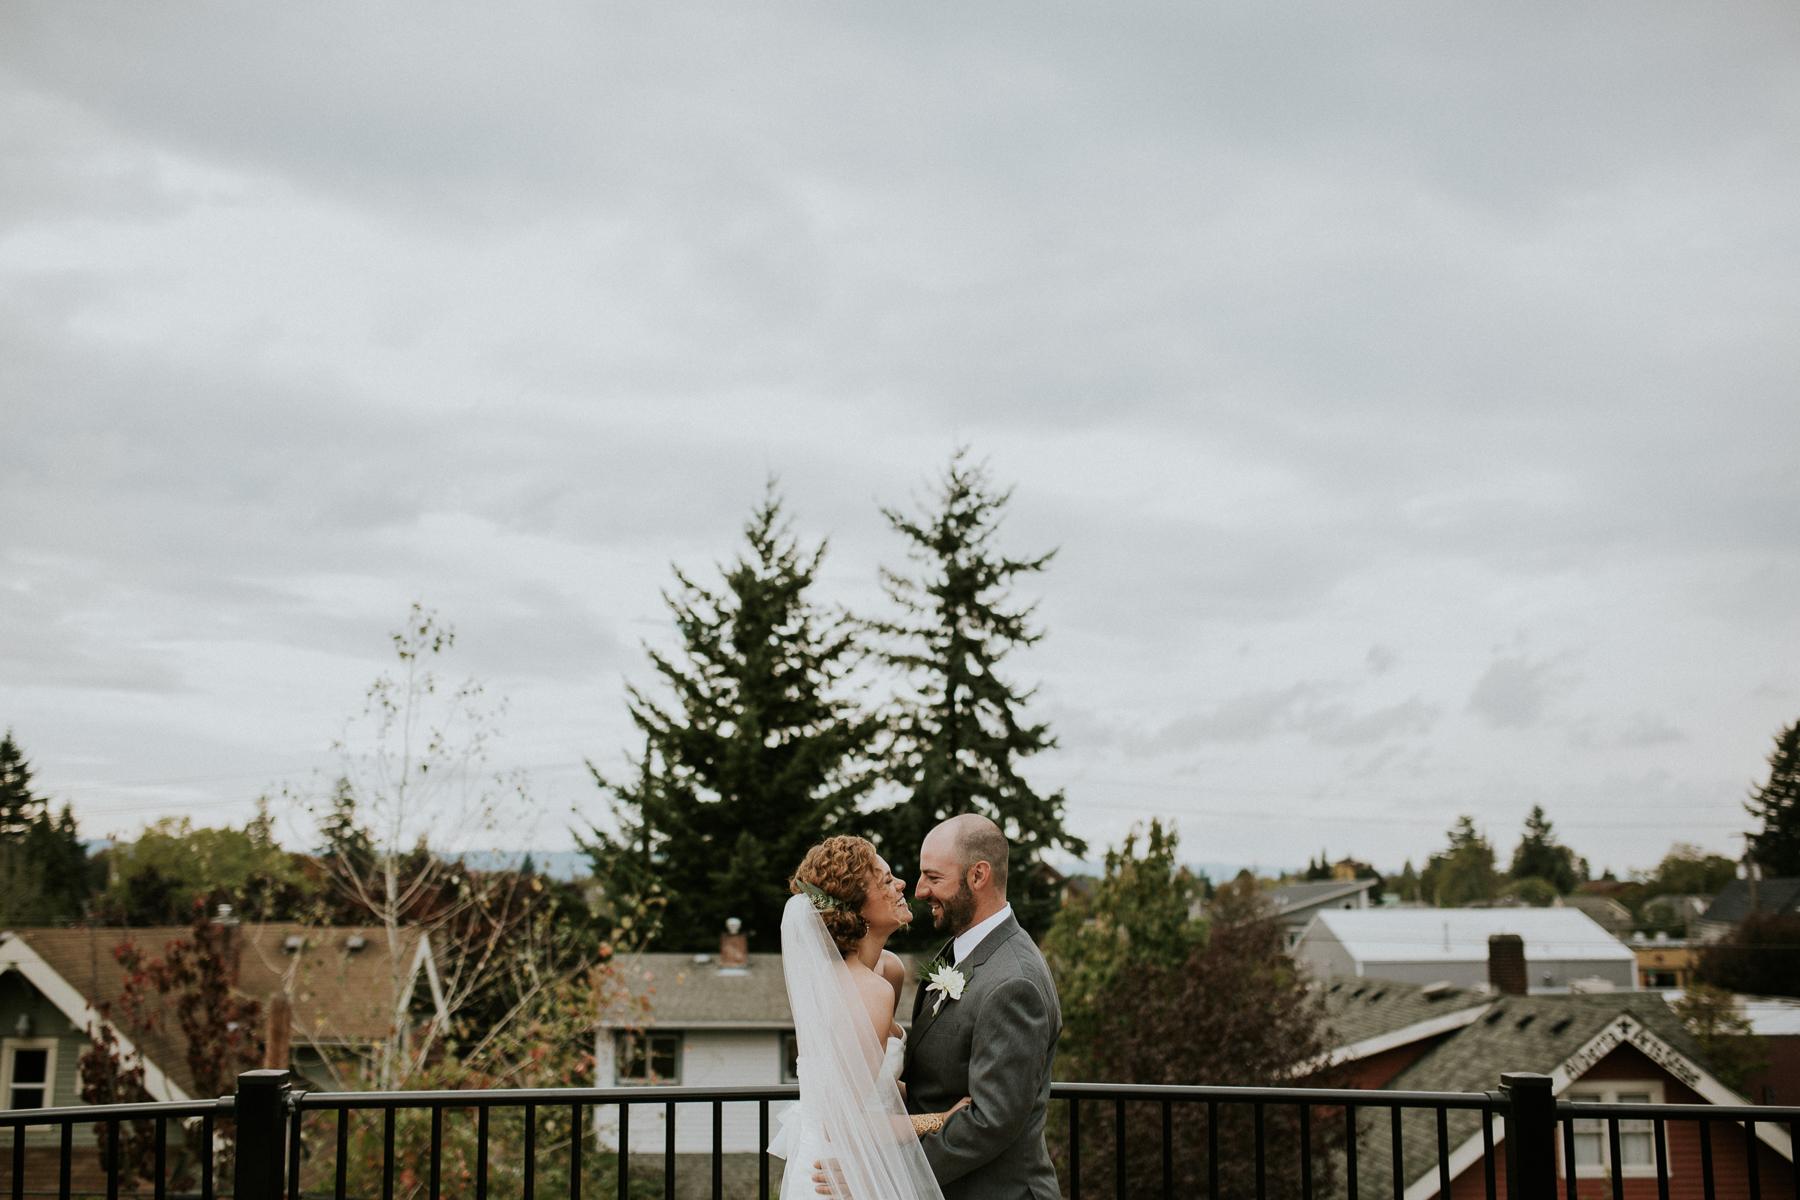 portland-oregon-rooftop-wedding-photographer-1.jpg